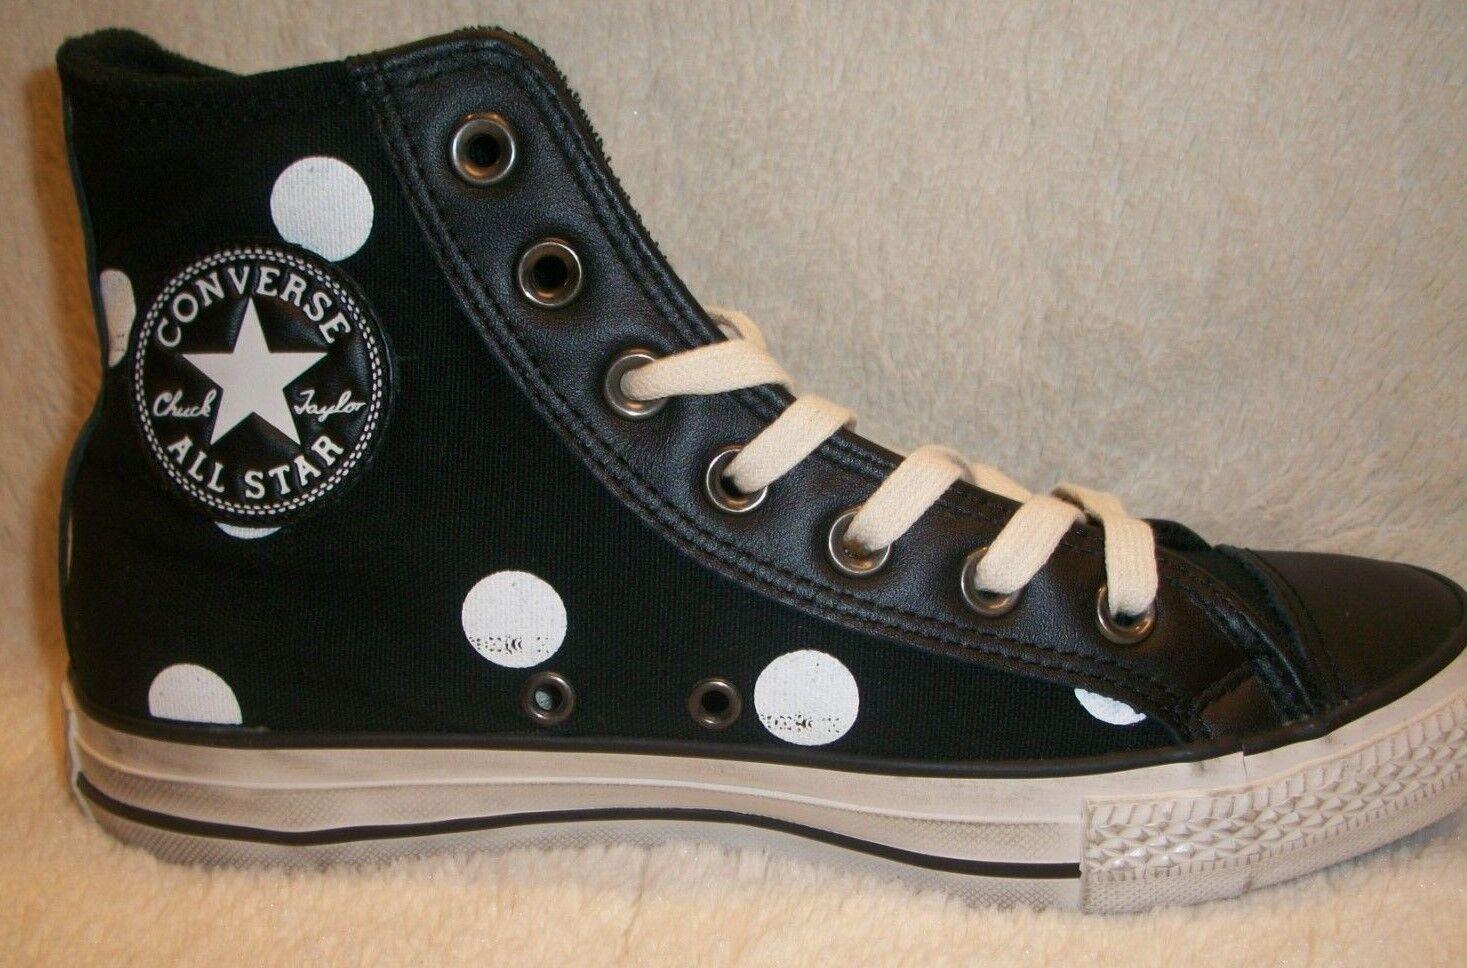 Converse CTAS 1464Print Hi Black/White Dots Men's Size 5.5 - Women's Size 7.5